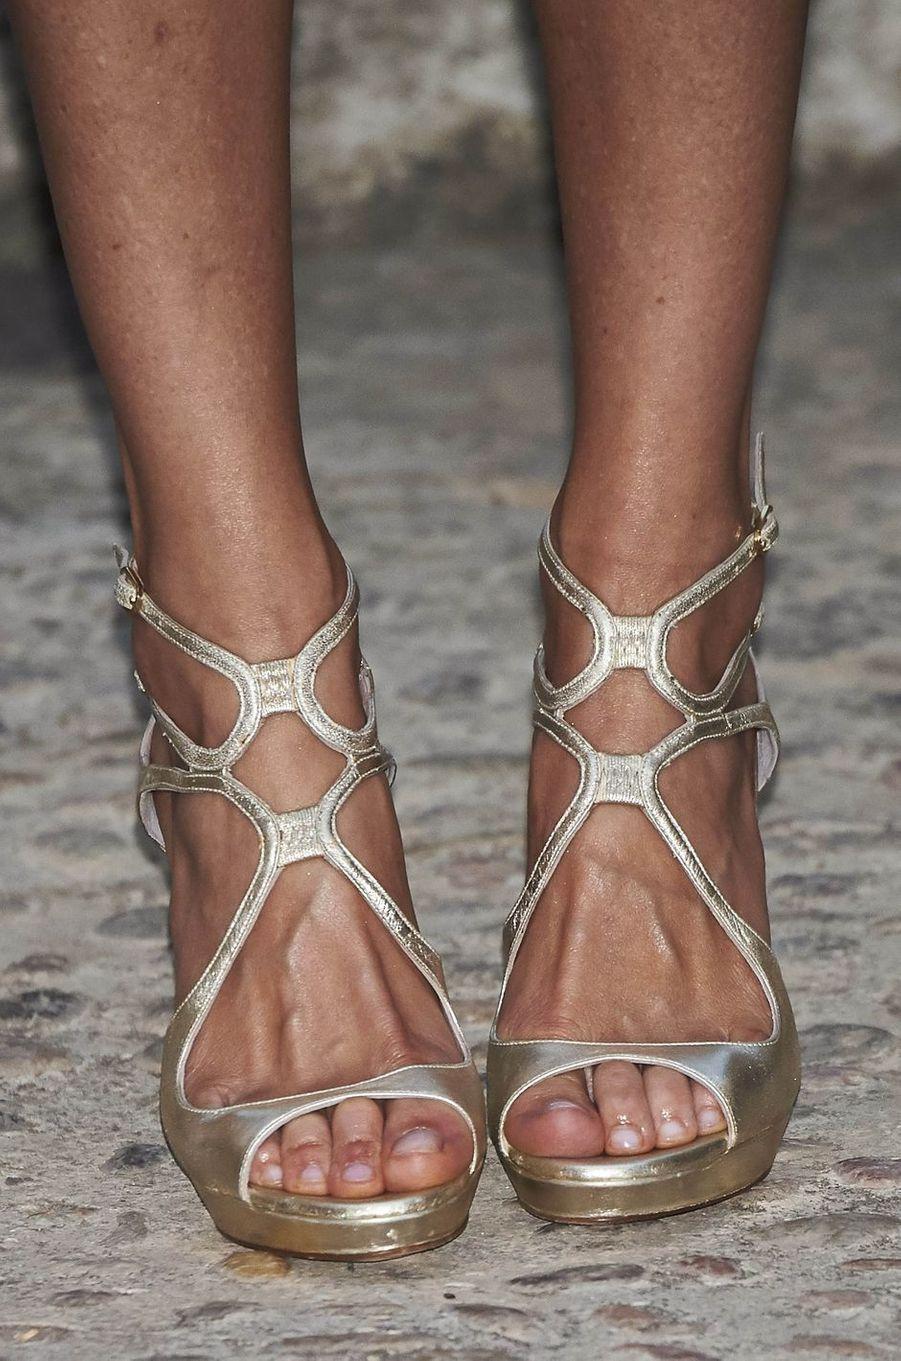 Les chaussures de la reine Letizia d'Espagne à Palma de Majorque, le 7 août 2016